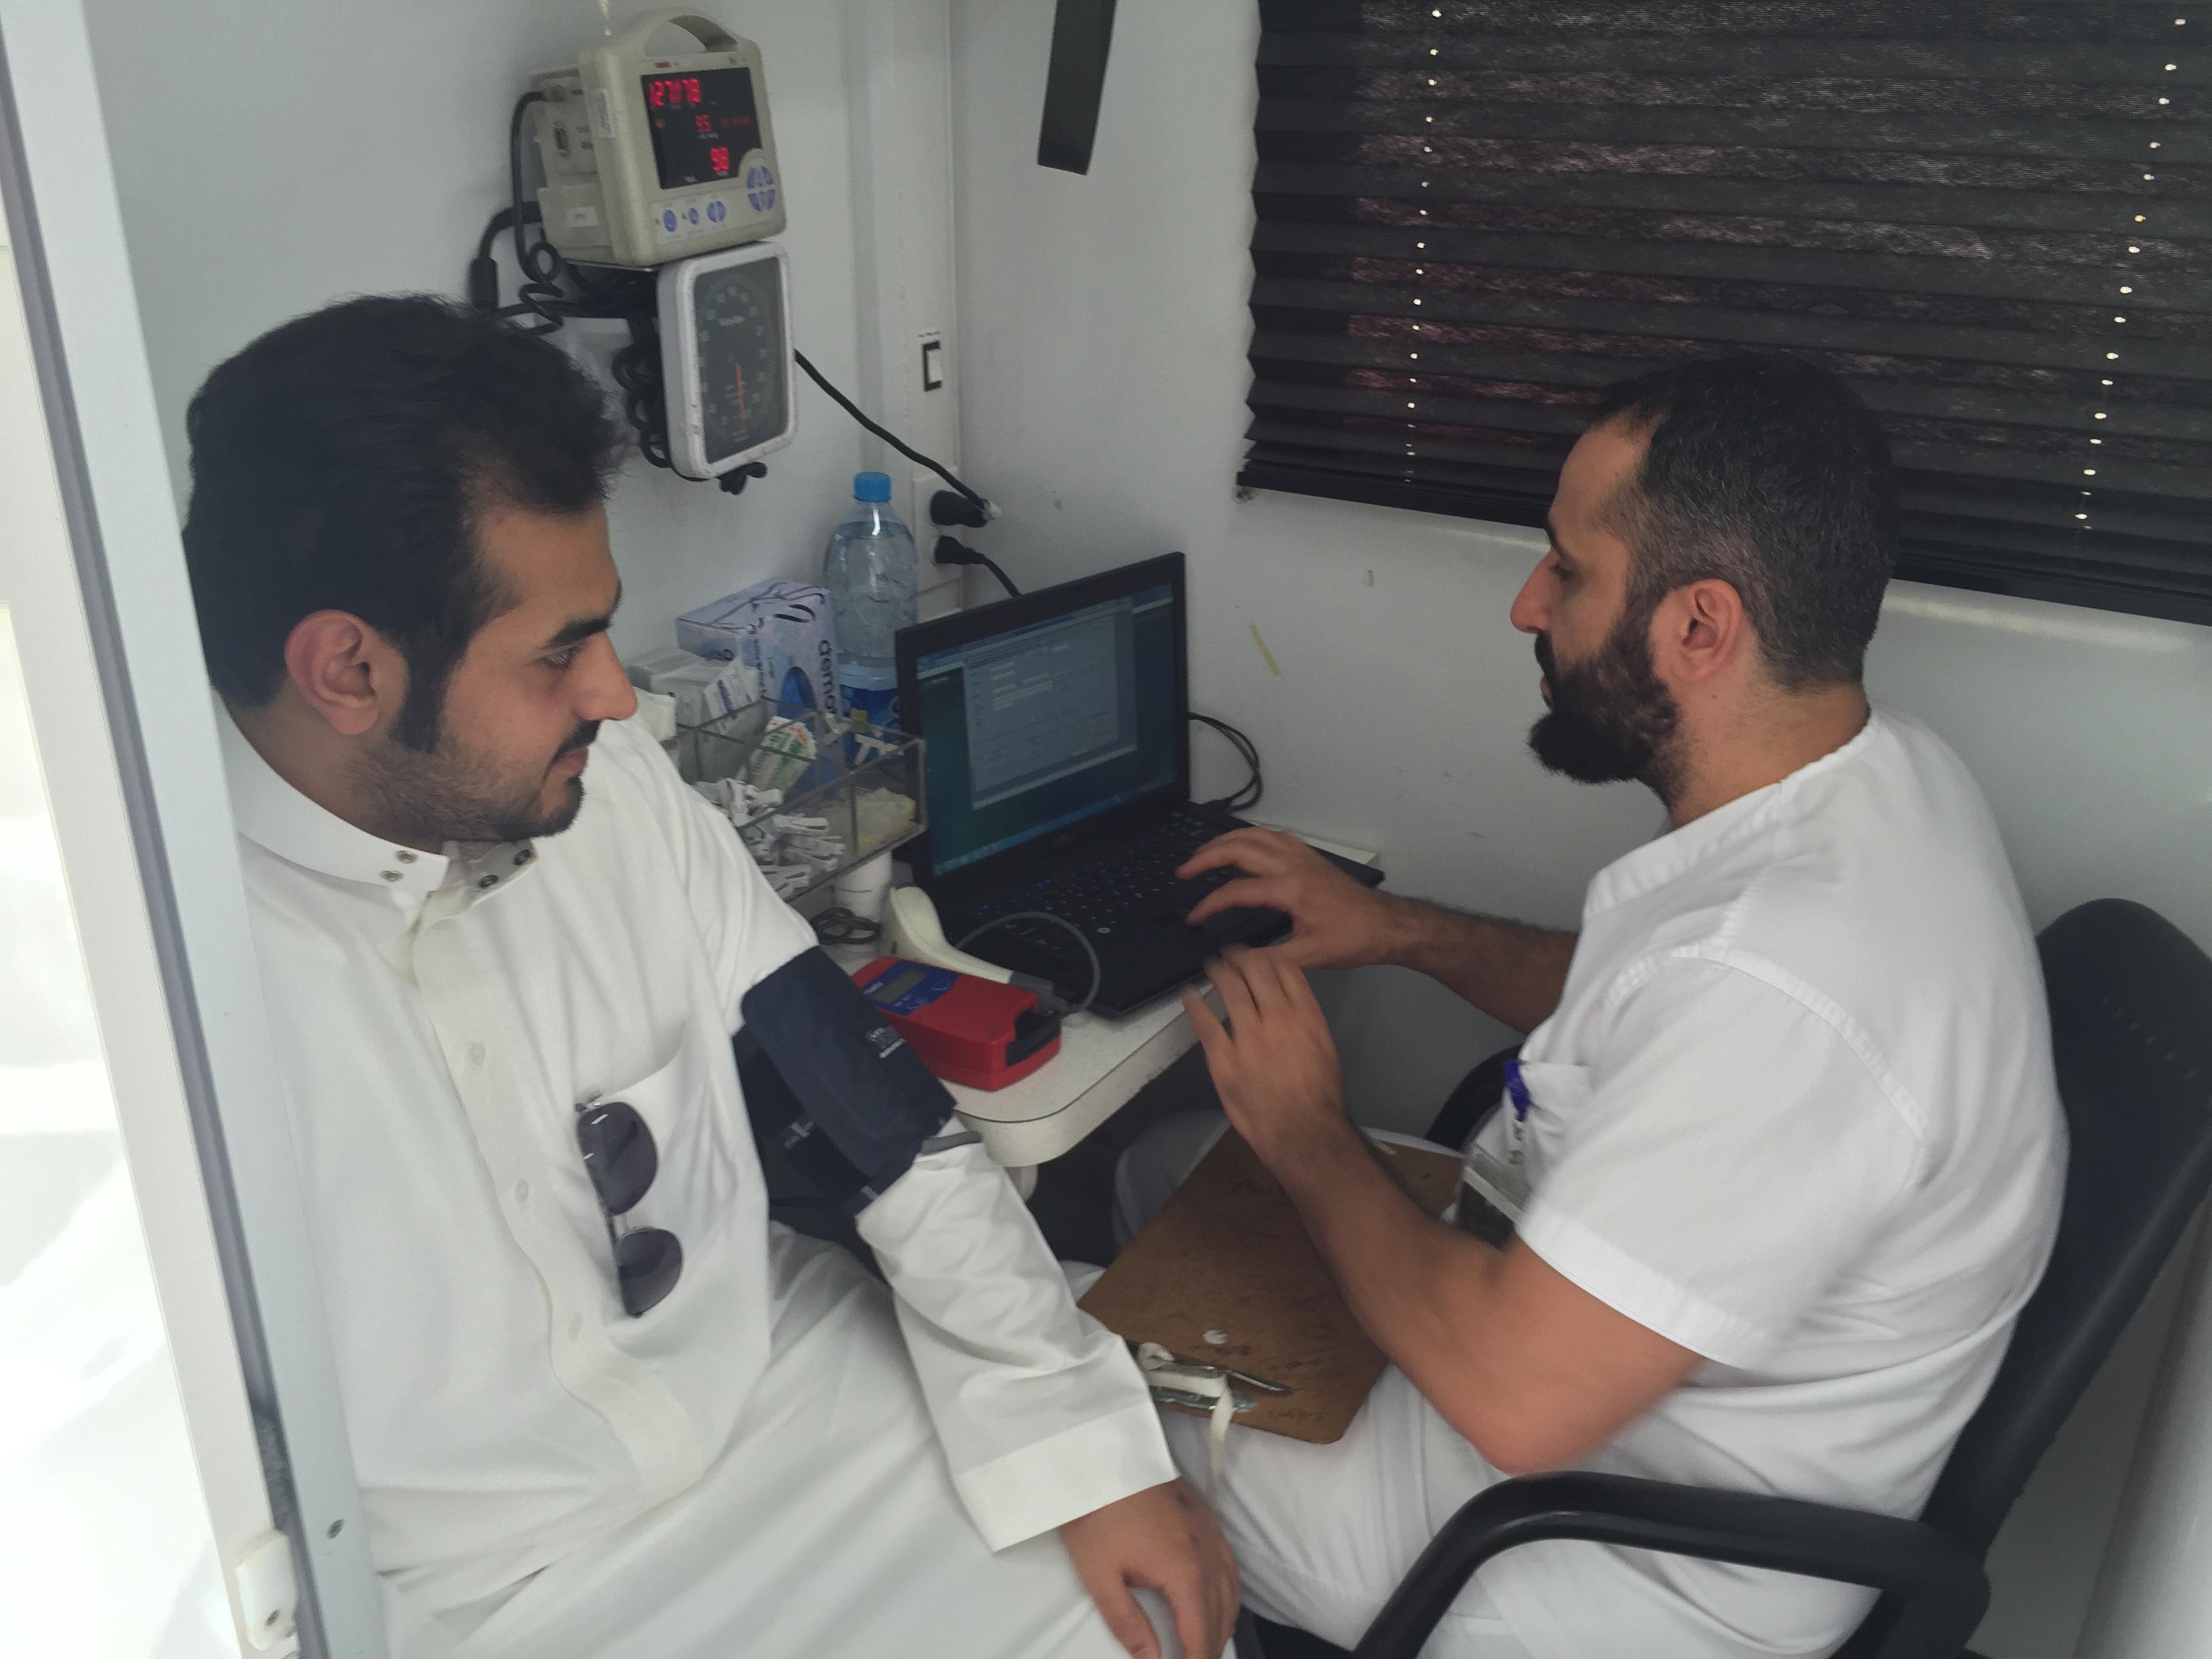 امنح حياة بقطرة من دمك تستقبل جموع المتبرعين في عمل الرياض (2)